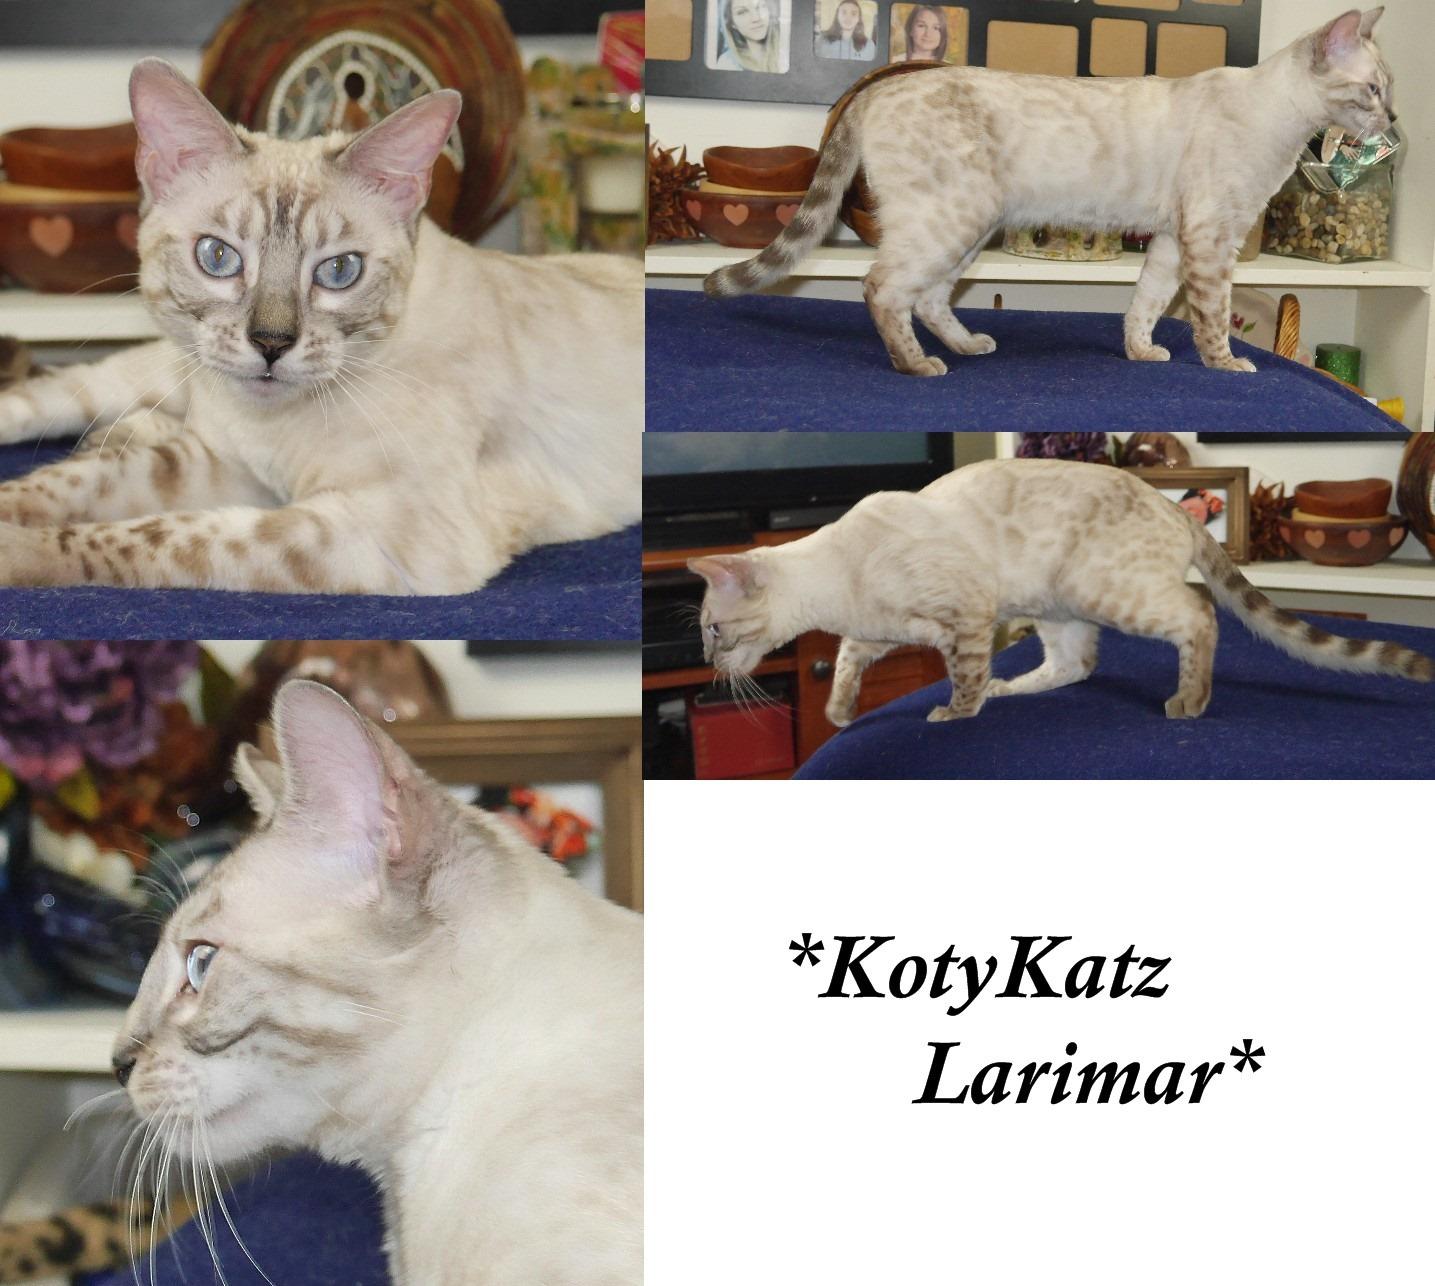 KotyKatz Larimar